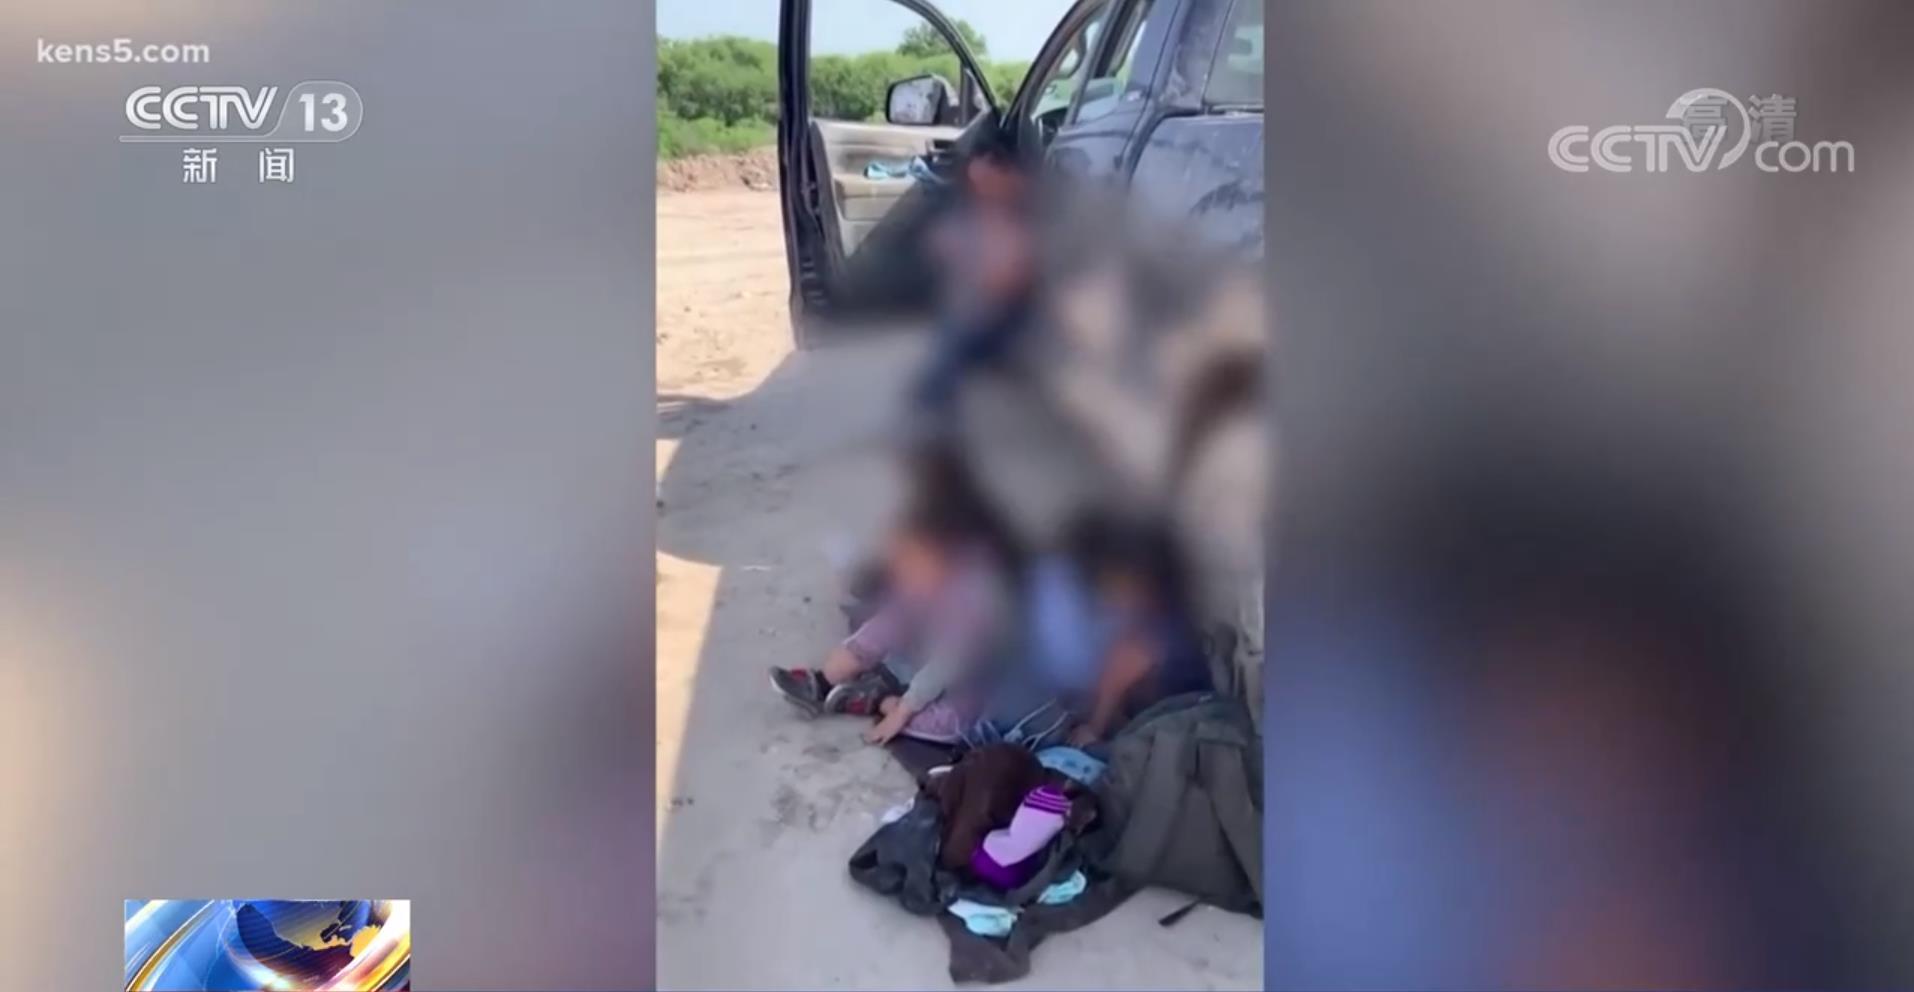 美墨边境移民危机:5名移民儿童被弃边境 最小仅11个月大